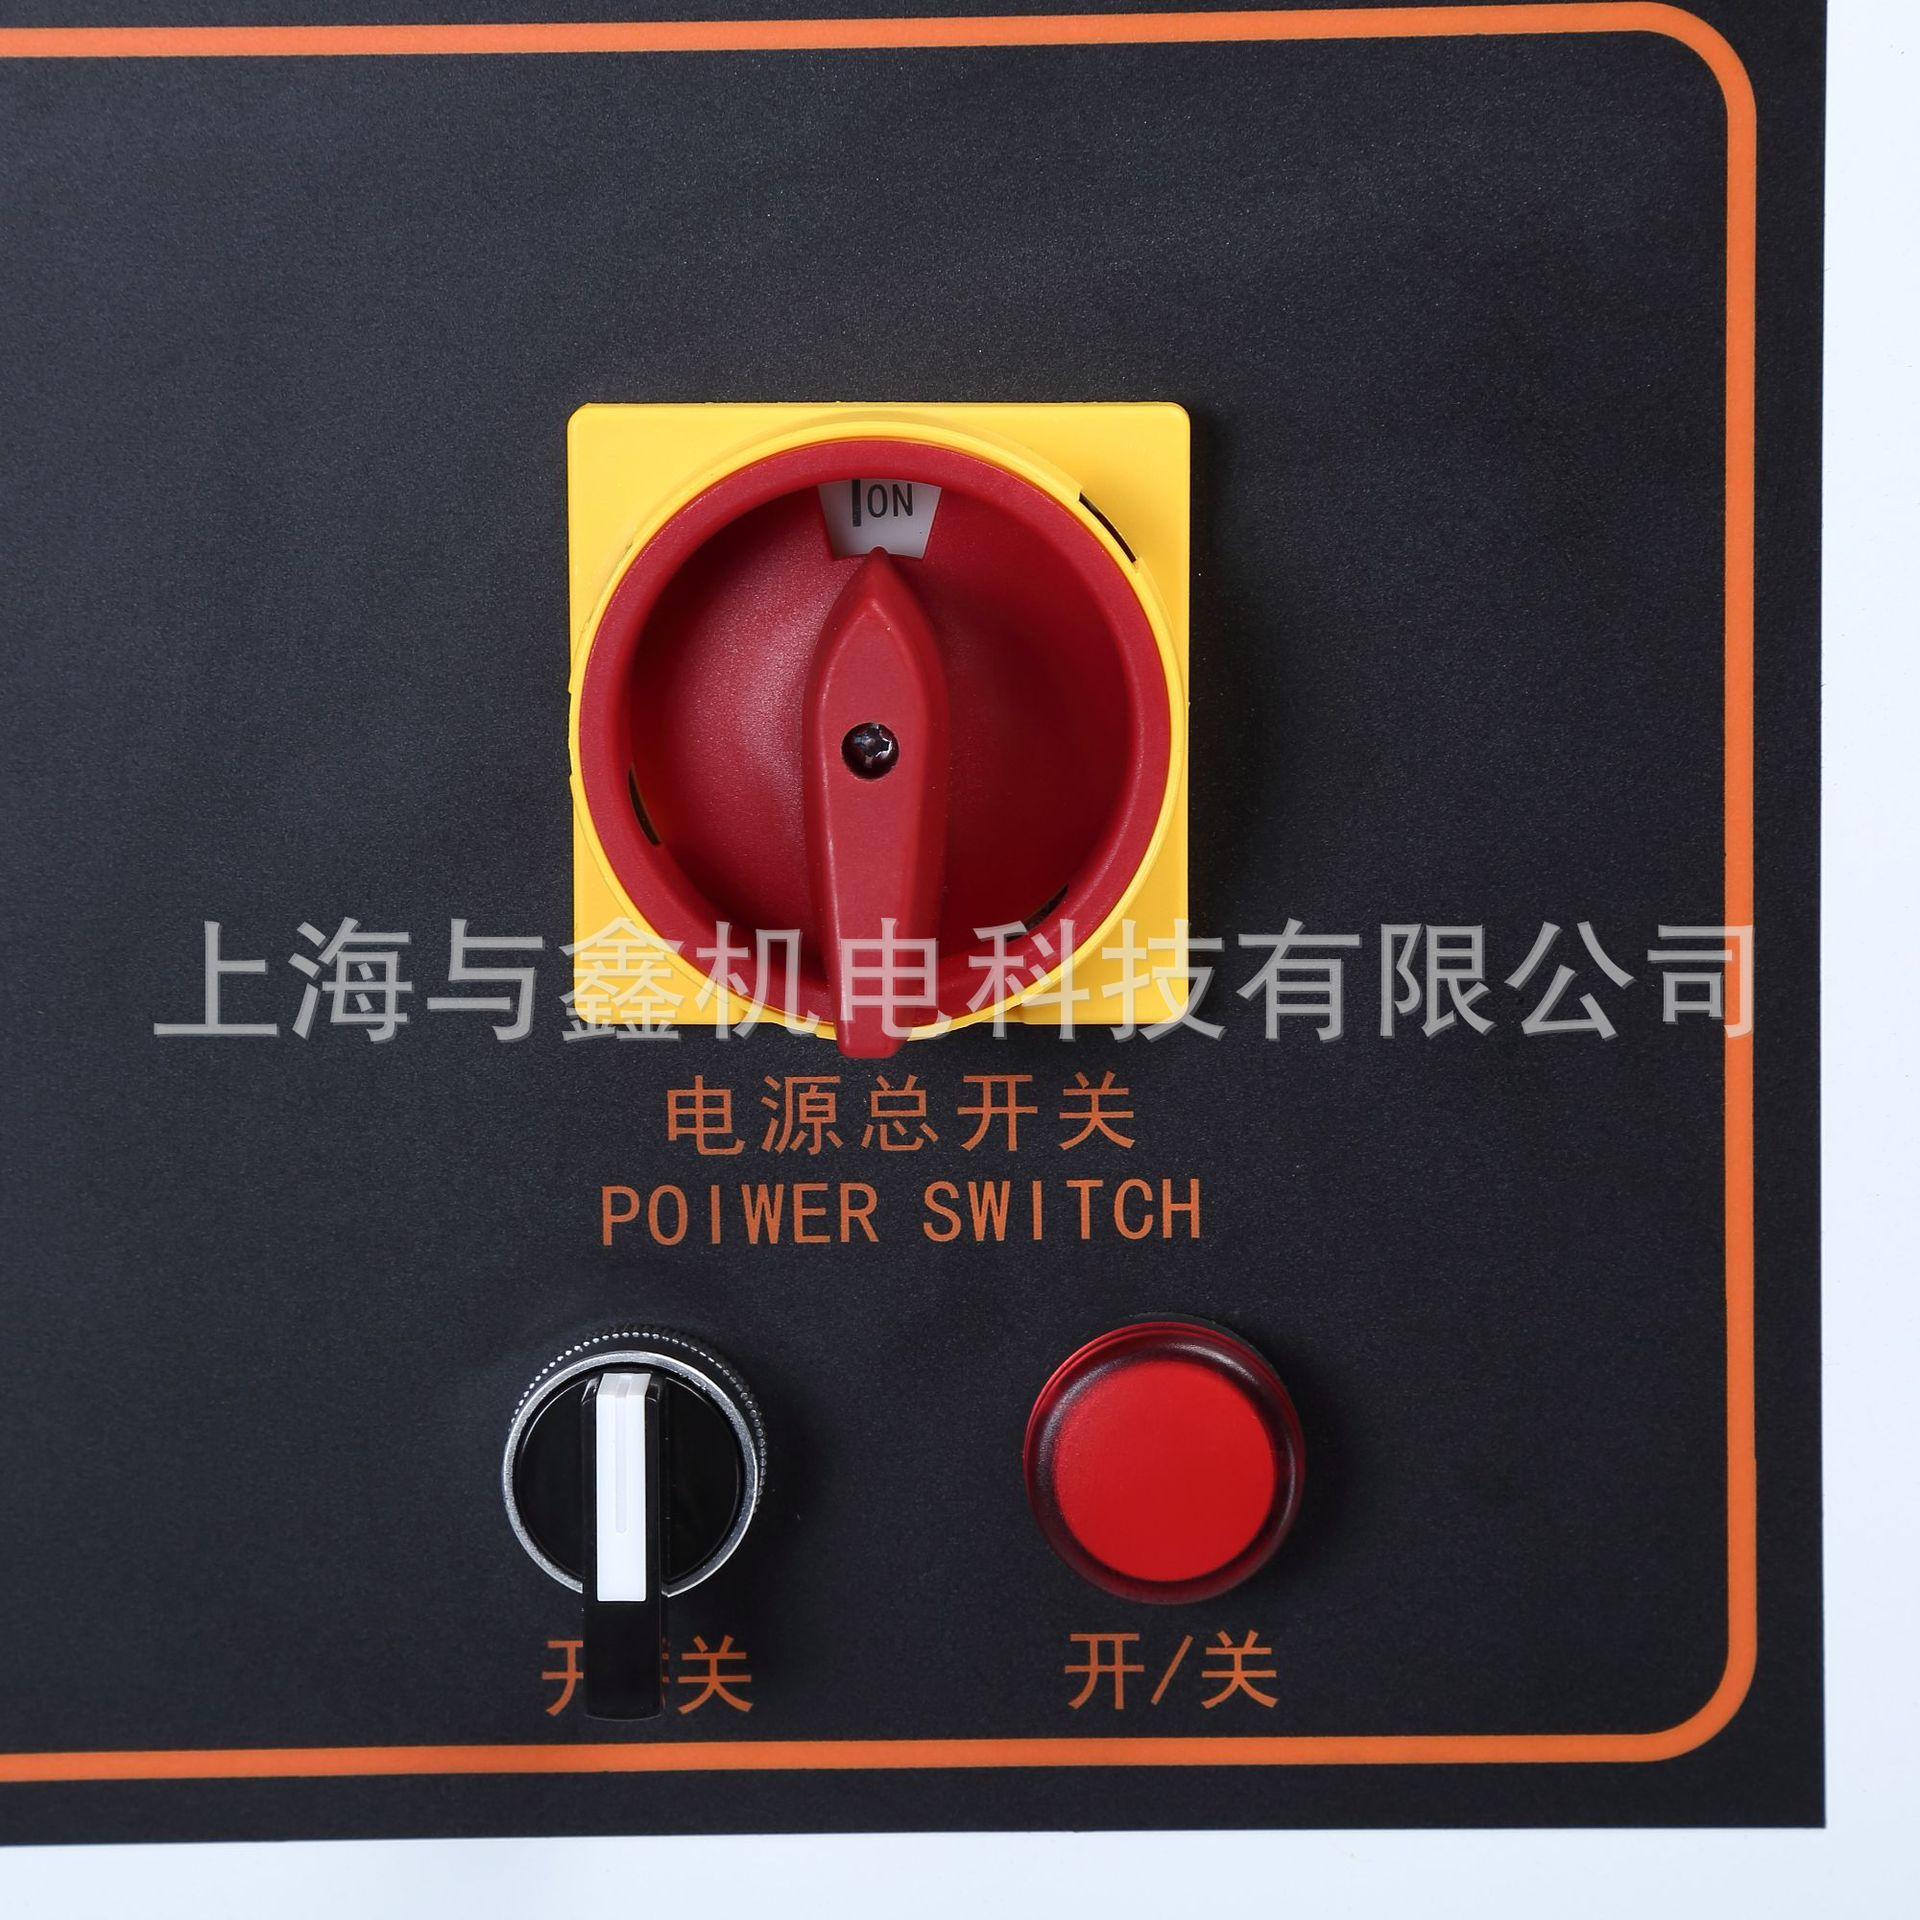 工业磨床粉尘吸尘器 打磨集尘器 磨床抛光除尘器 车间扬尘集尘机 大功率磨床吸尘器示例图8